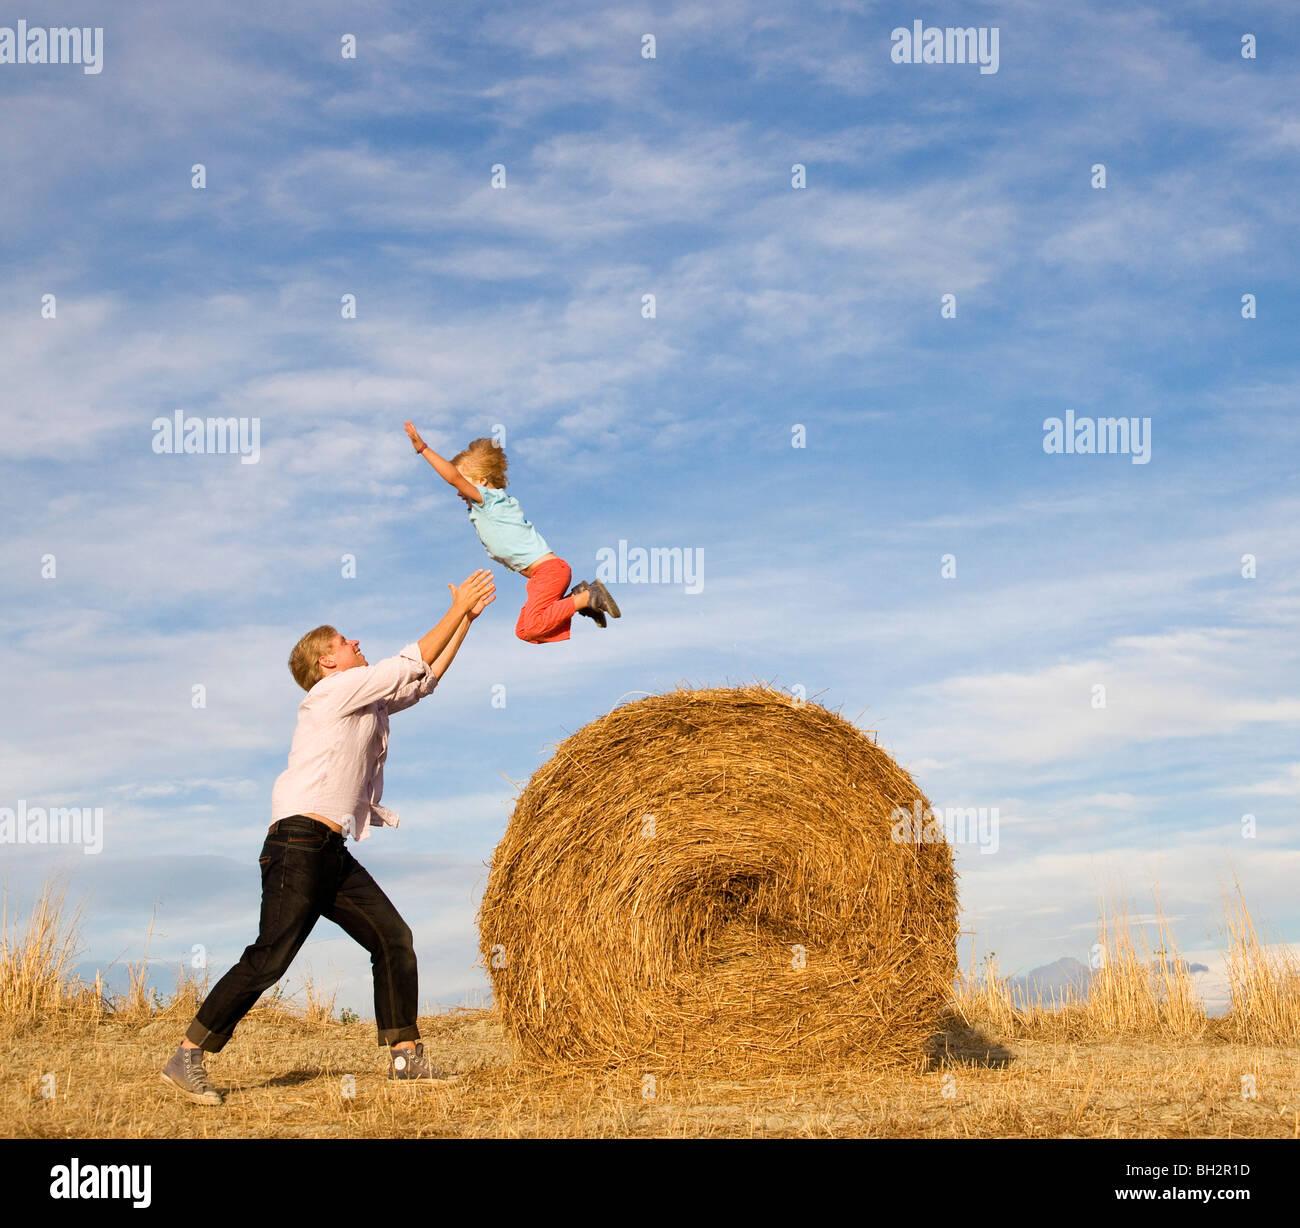 L'uomo la cattura del ragazzo che salta da balle di fieno Immagini Stock